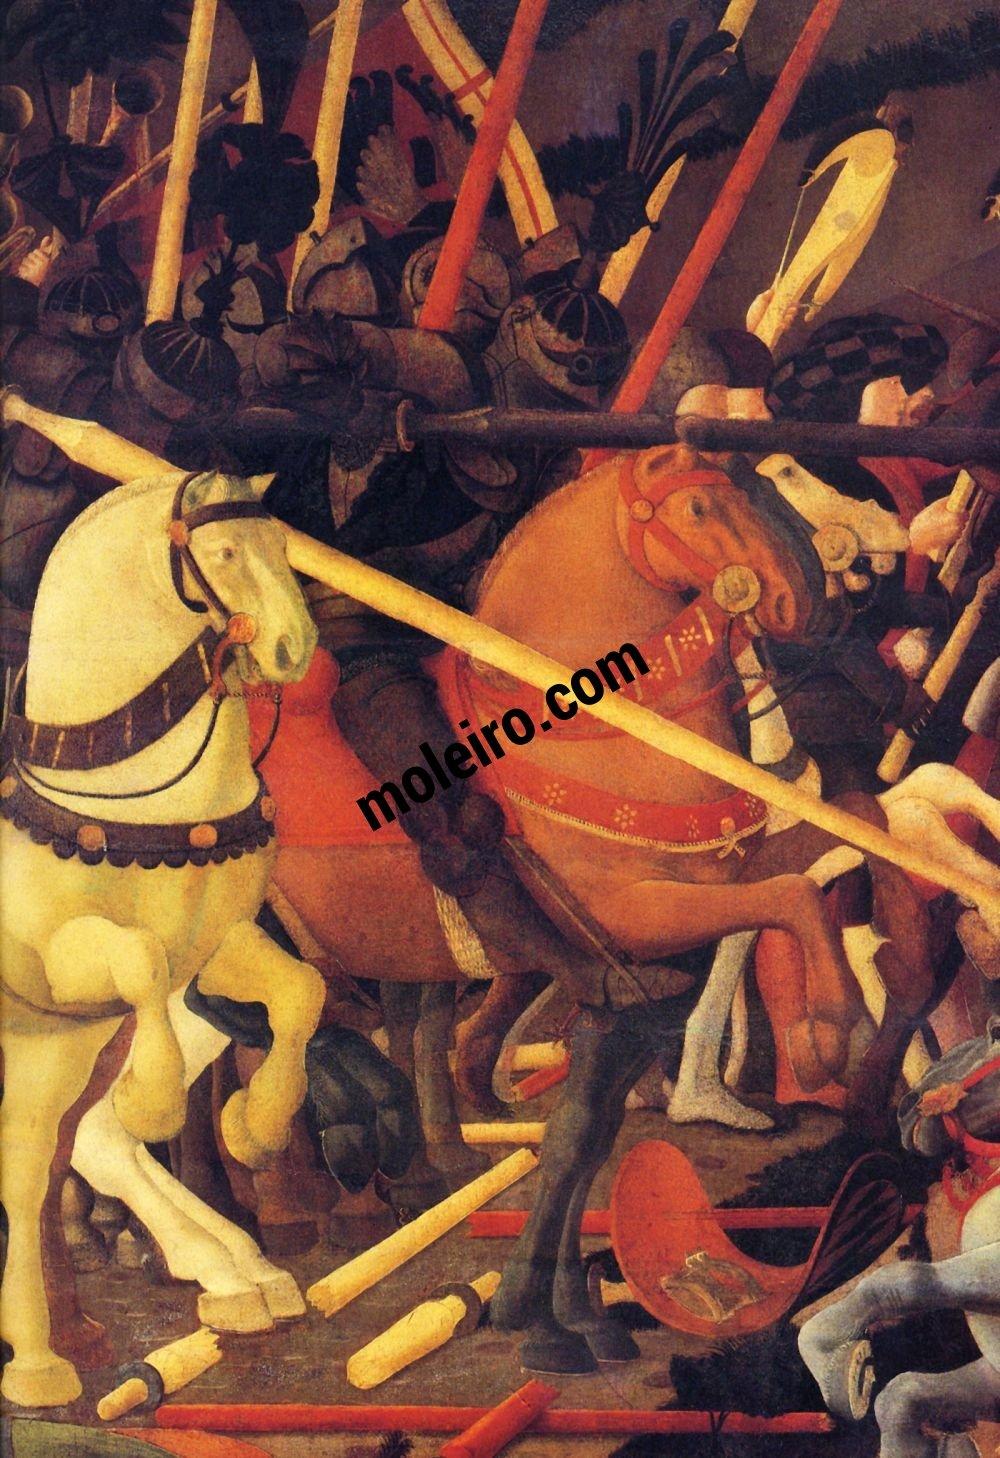 El Arte en el Renacimiento Paolo Uccello, Batalla de San Romano, detalle, Florencia, Galleria degli Uffizi